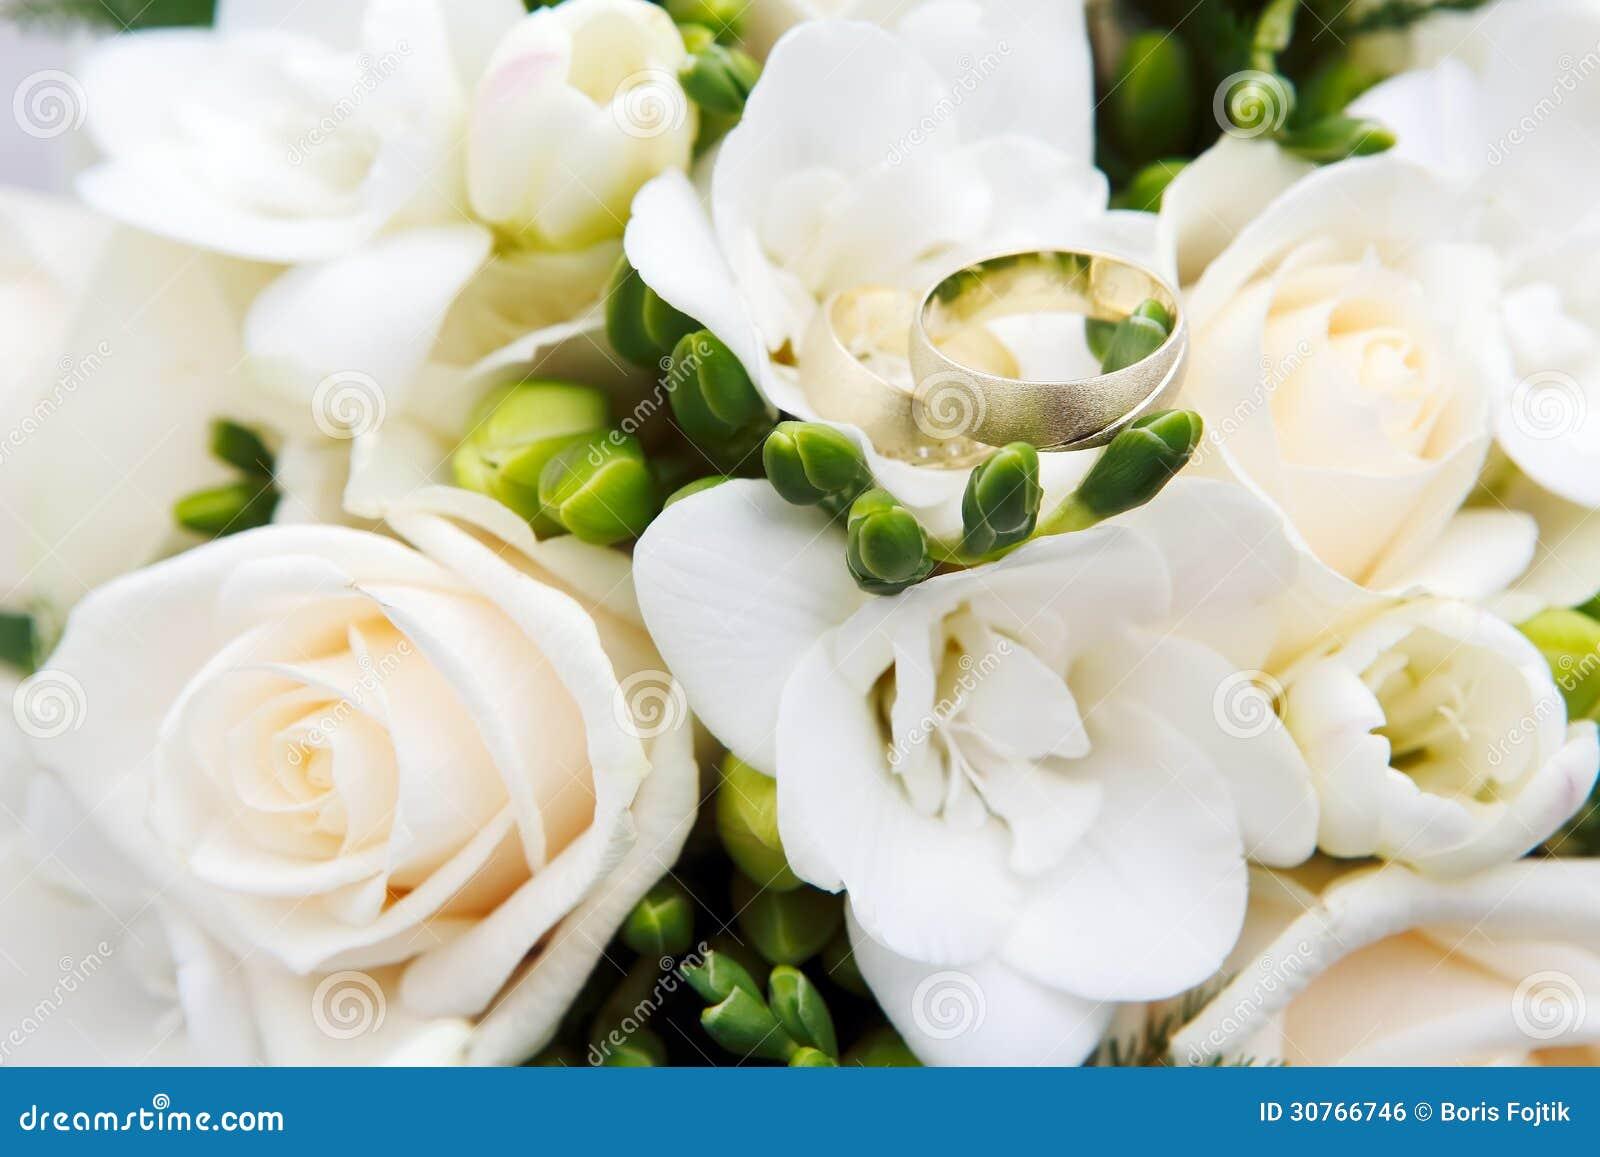 Anneaux De Mariage Avec Des Fleurs Image libre de droits - Image ...